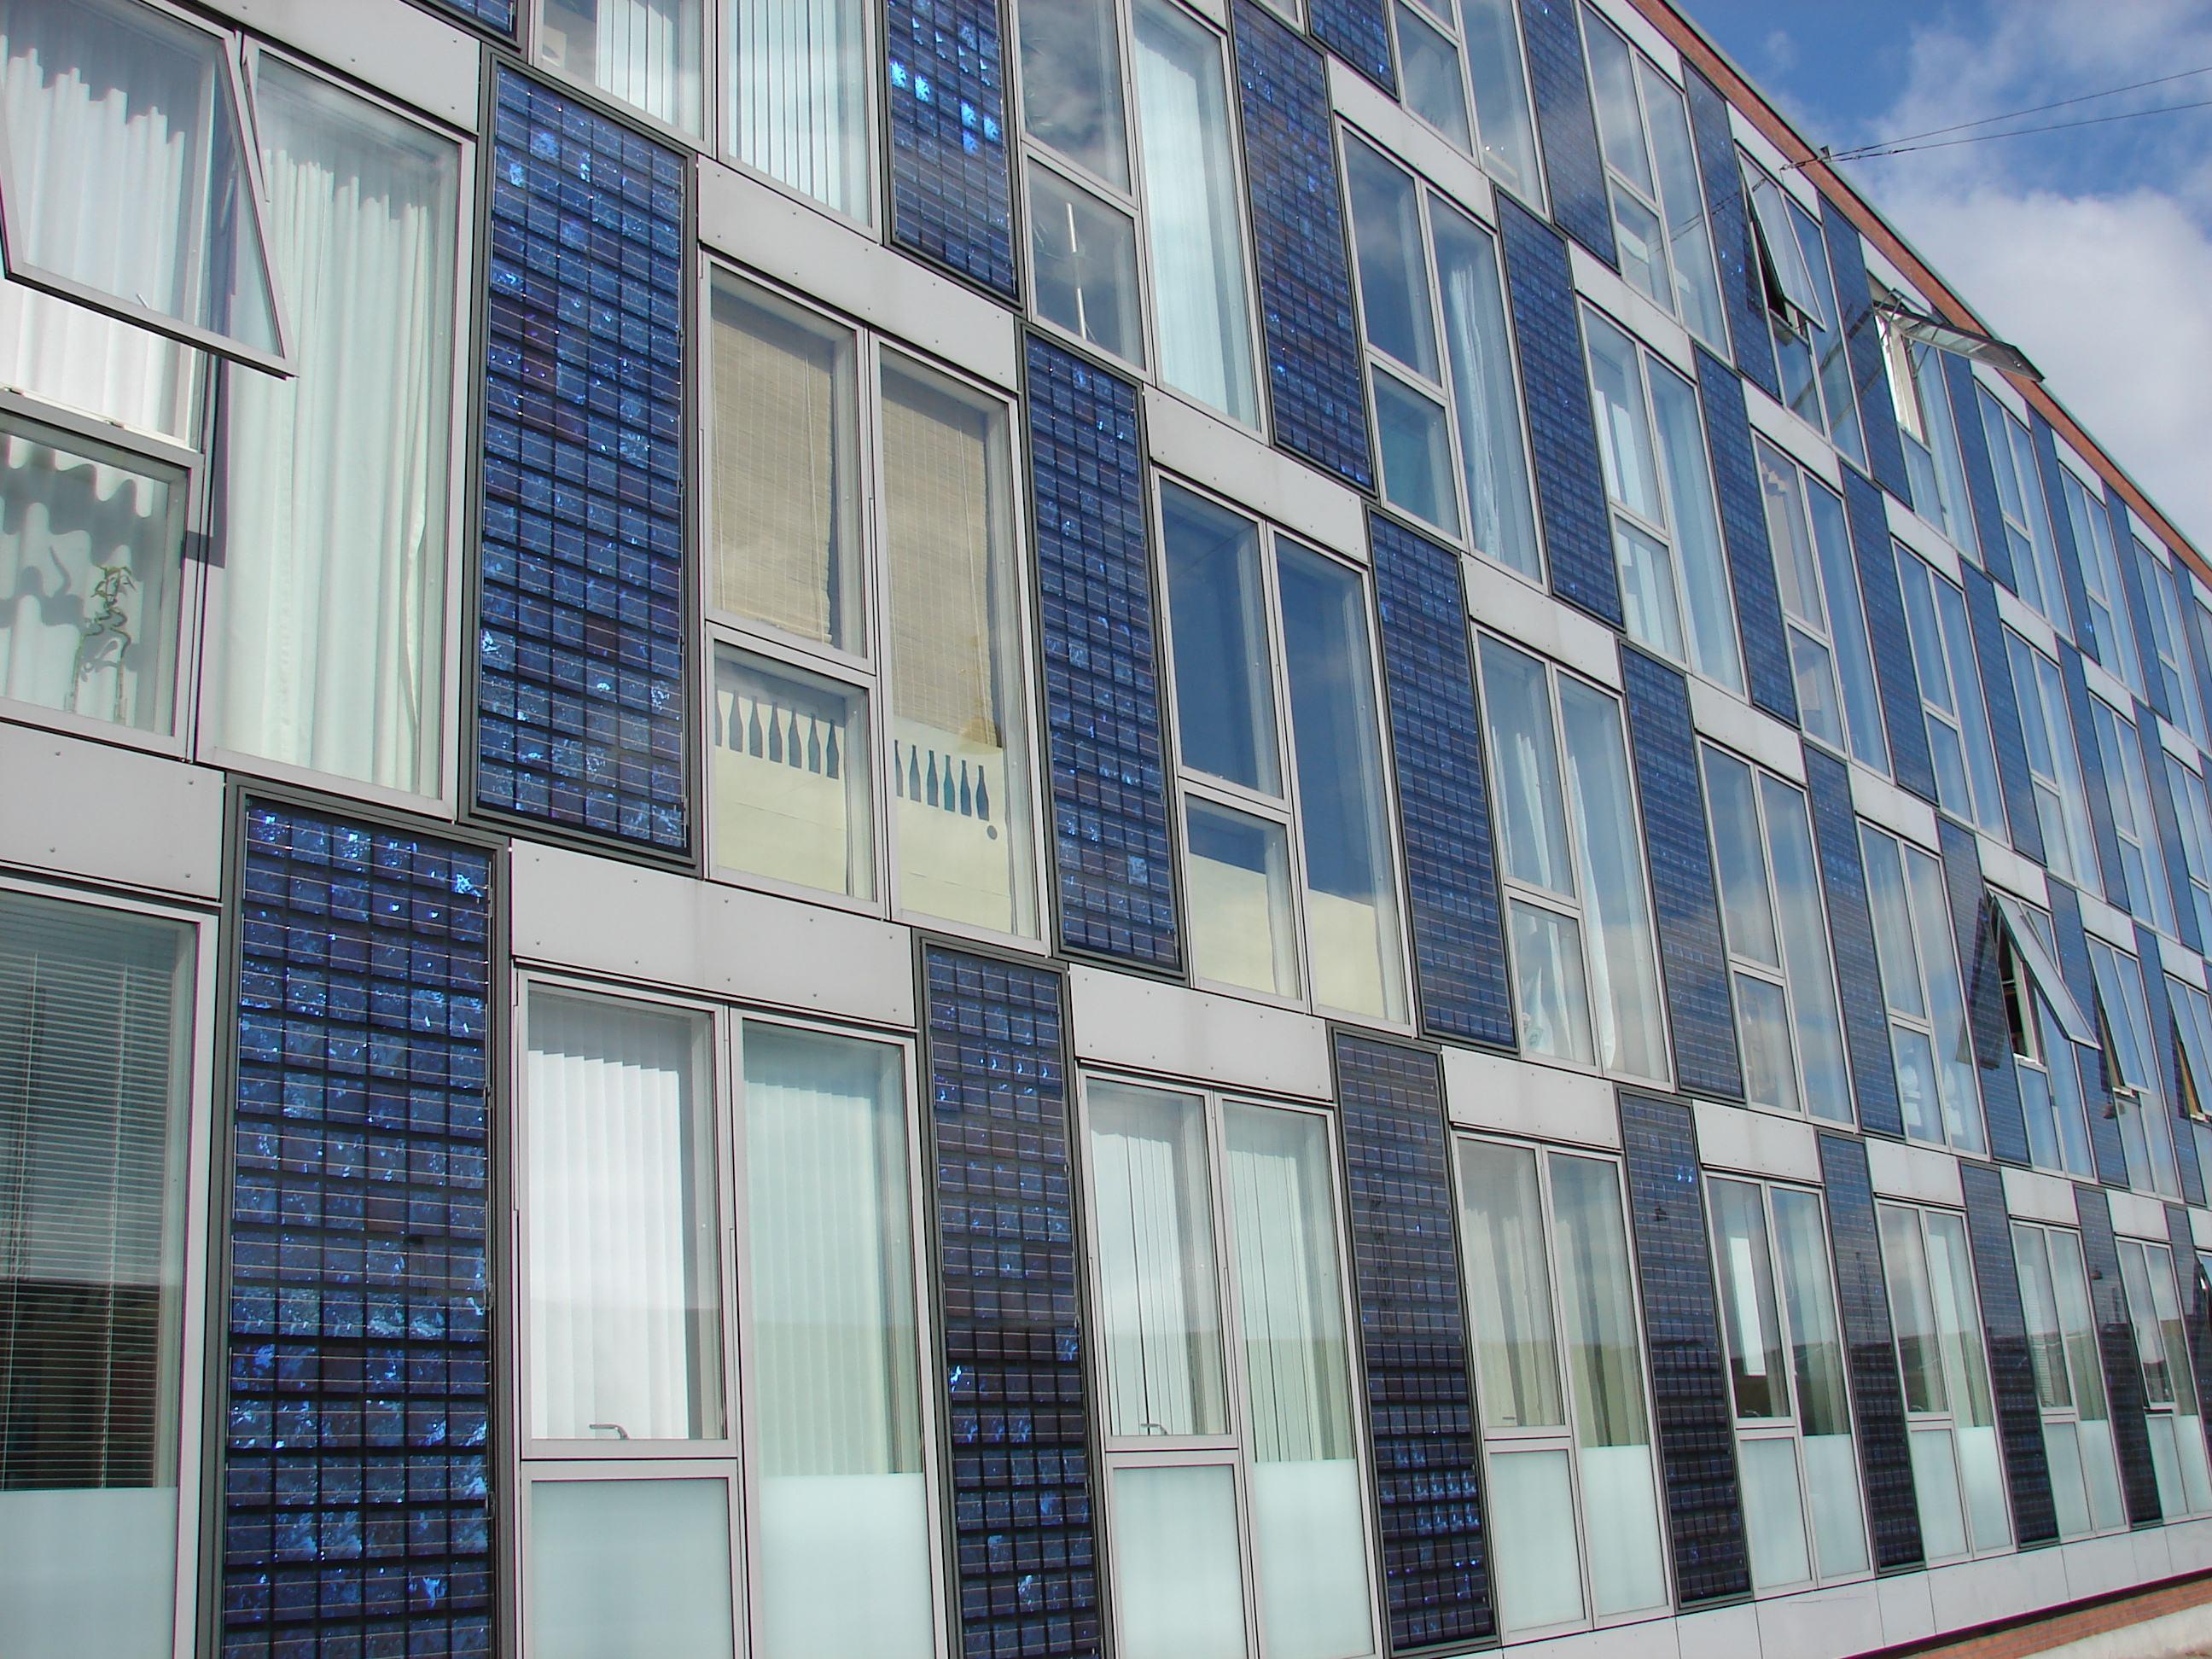 solaranlagen photovoltaik fassaden david solar deutschland gmbh. Black Bedroom Furniture Sets. Home Design Ideas